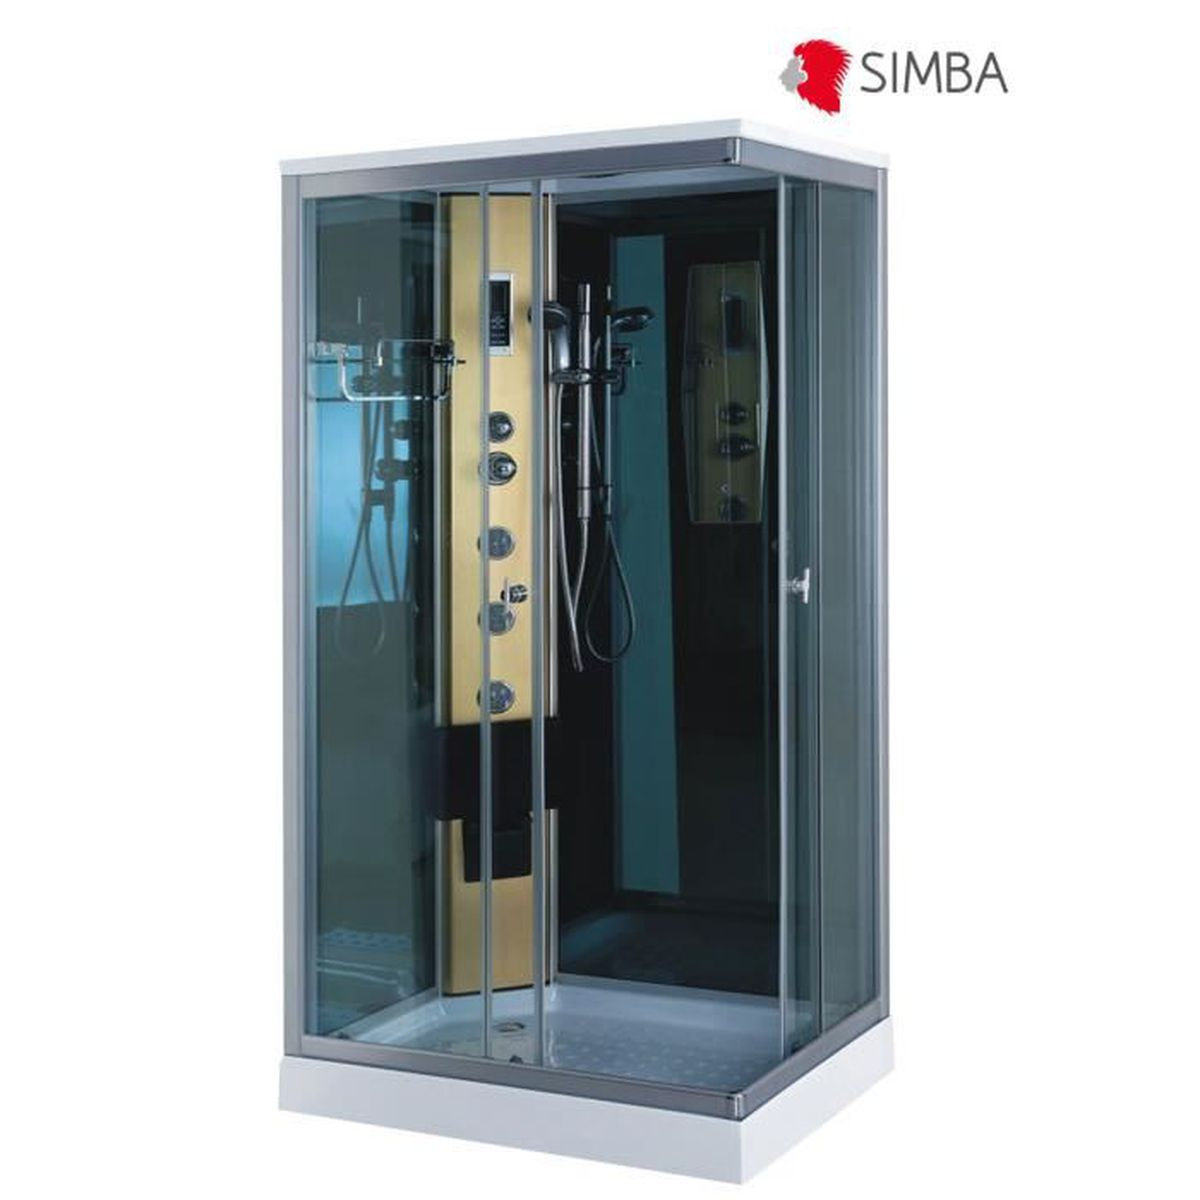 Cabine de douche hydromassante spa bain massage 100 x 70 cm verre 5 mm portof - Cabine de douche integrale 70 x 100 ...